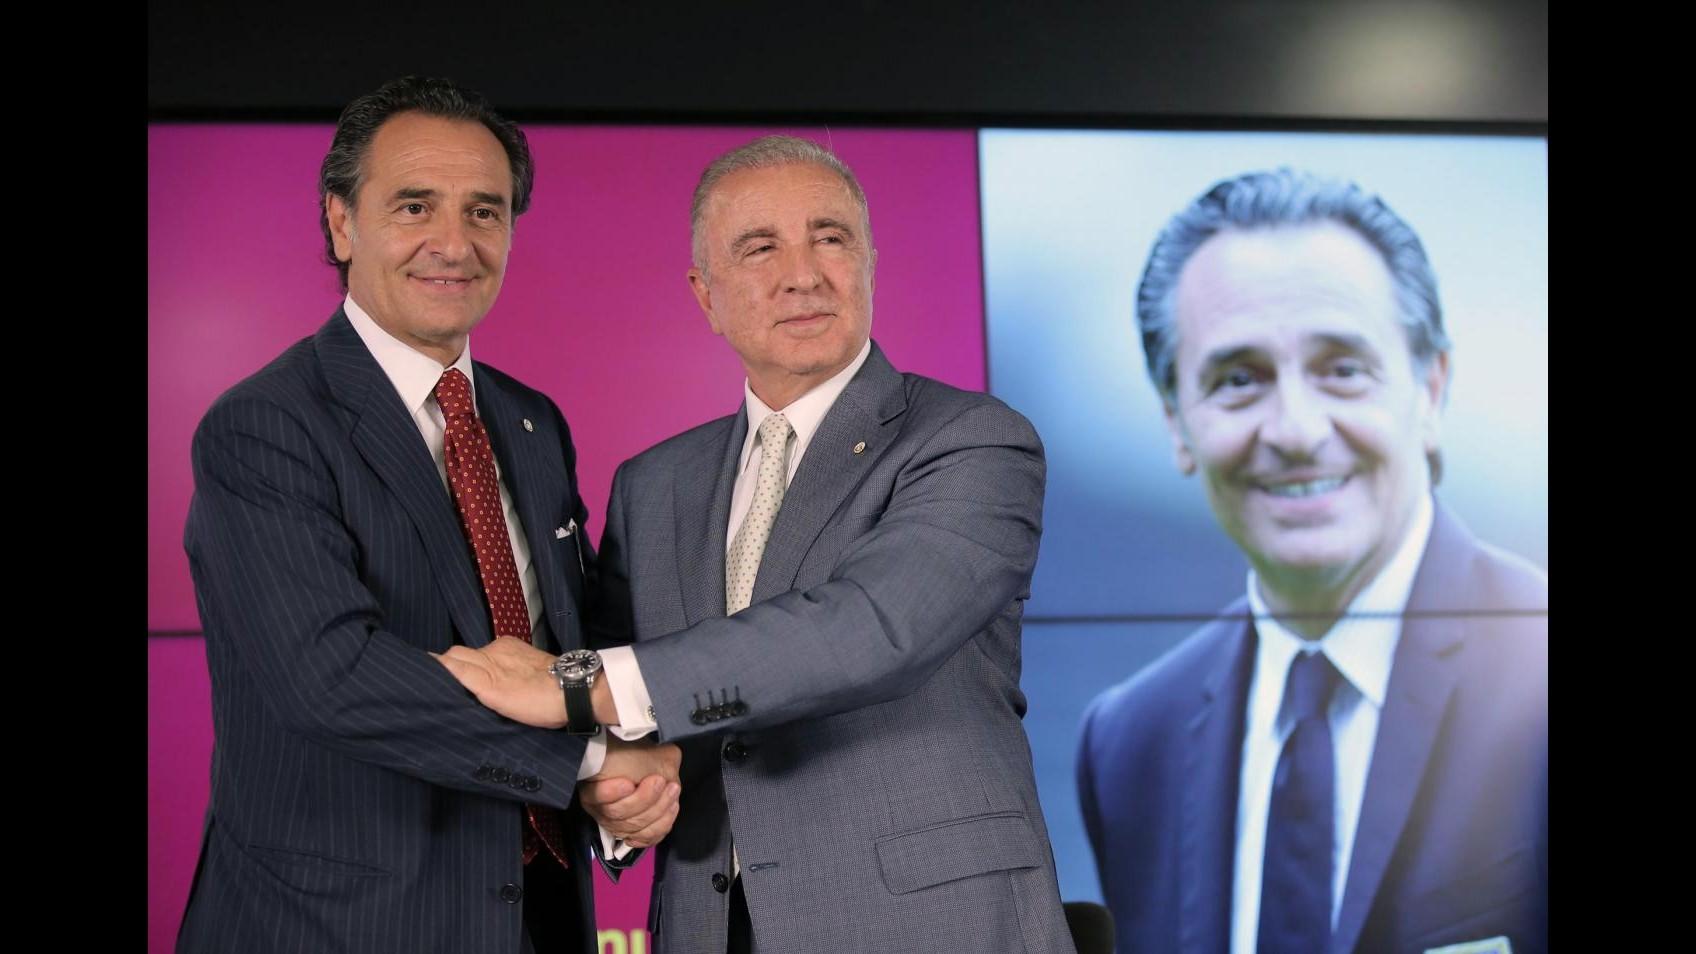 Prandelli si presenta al Galatasaray: Scelta sportiva su un progetto vincente